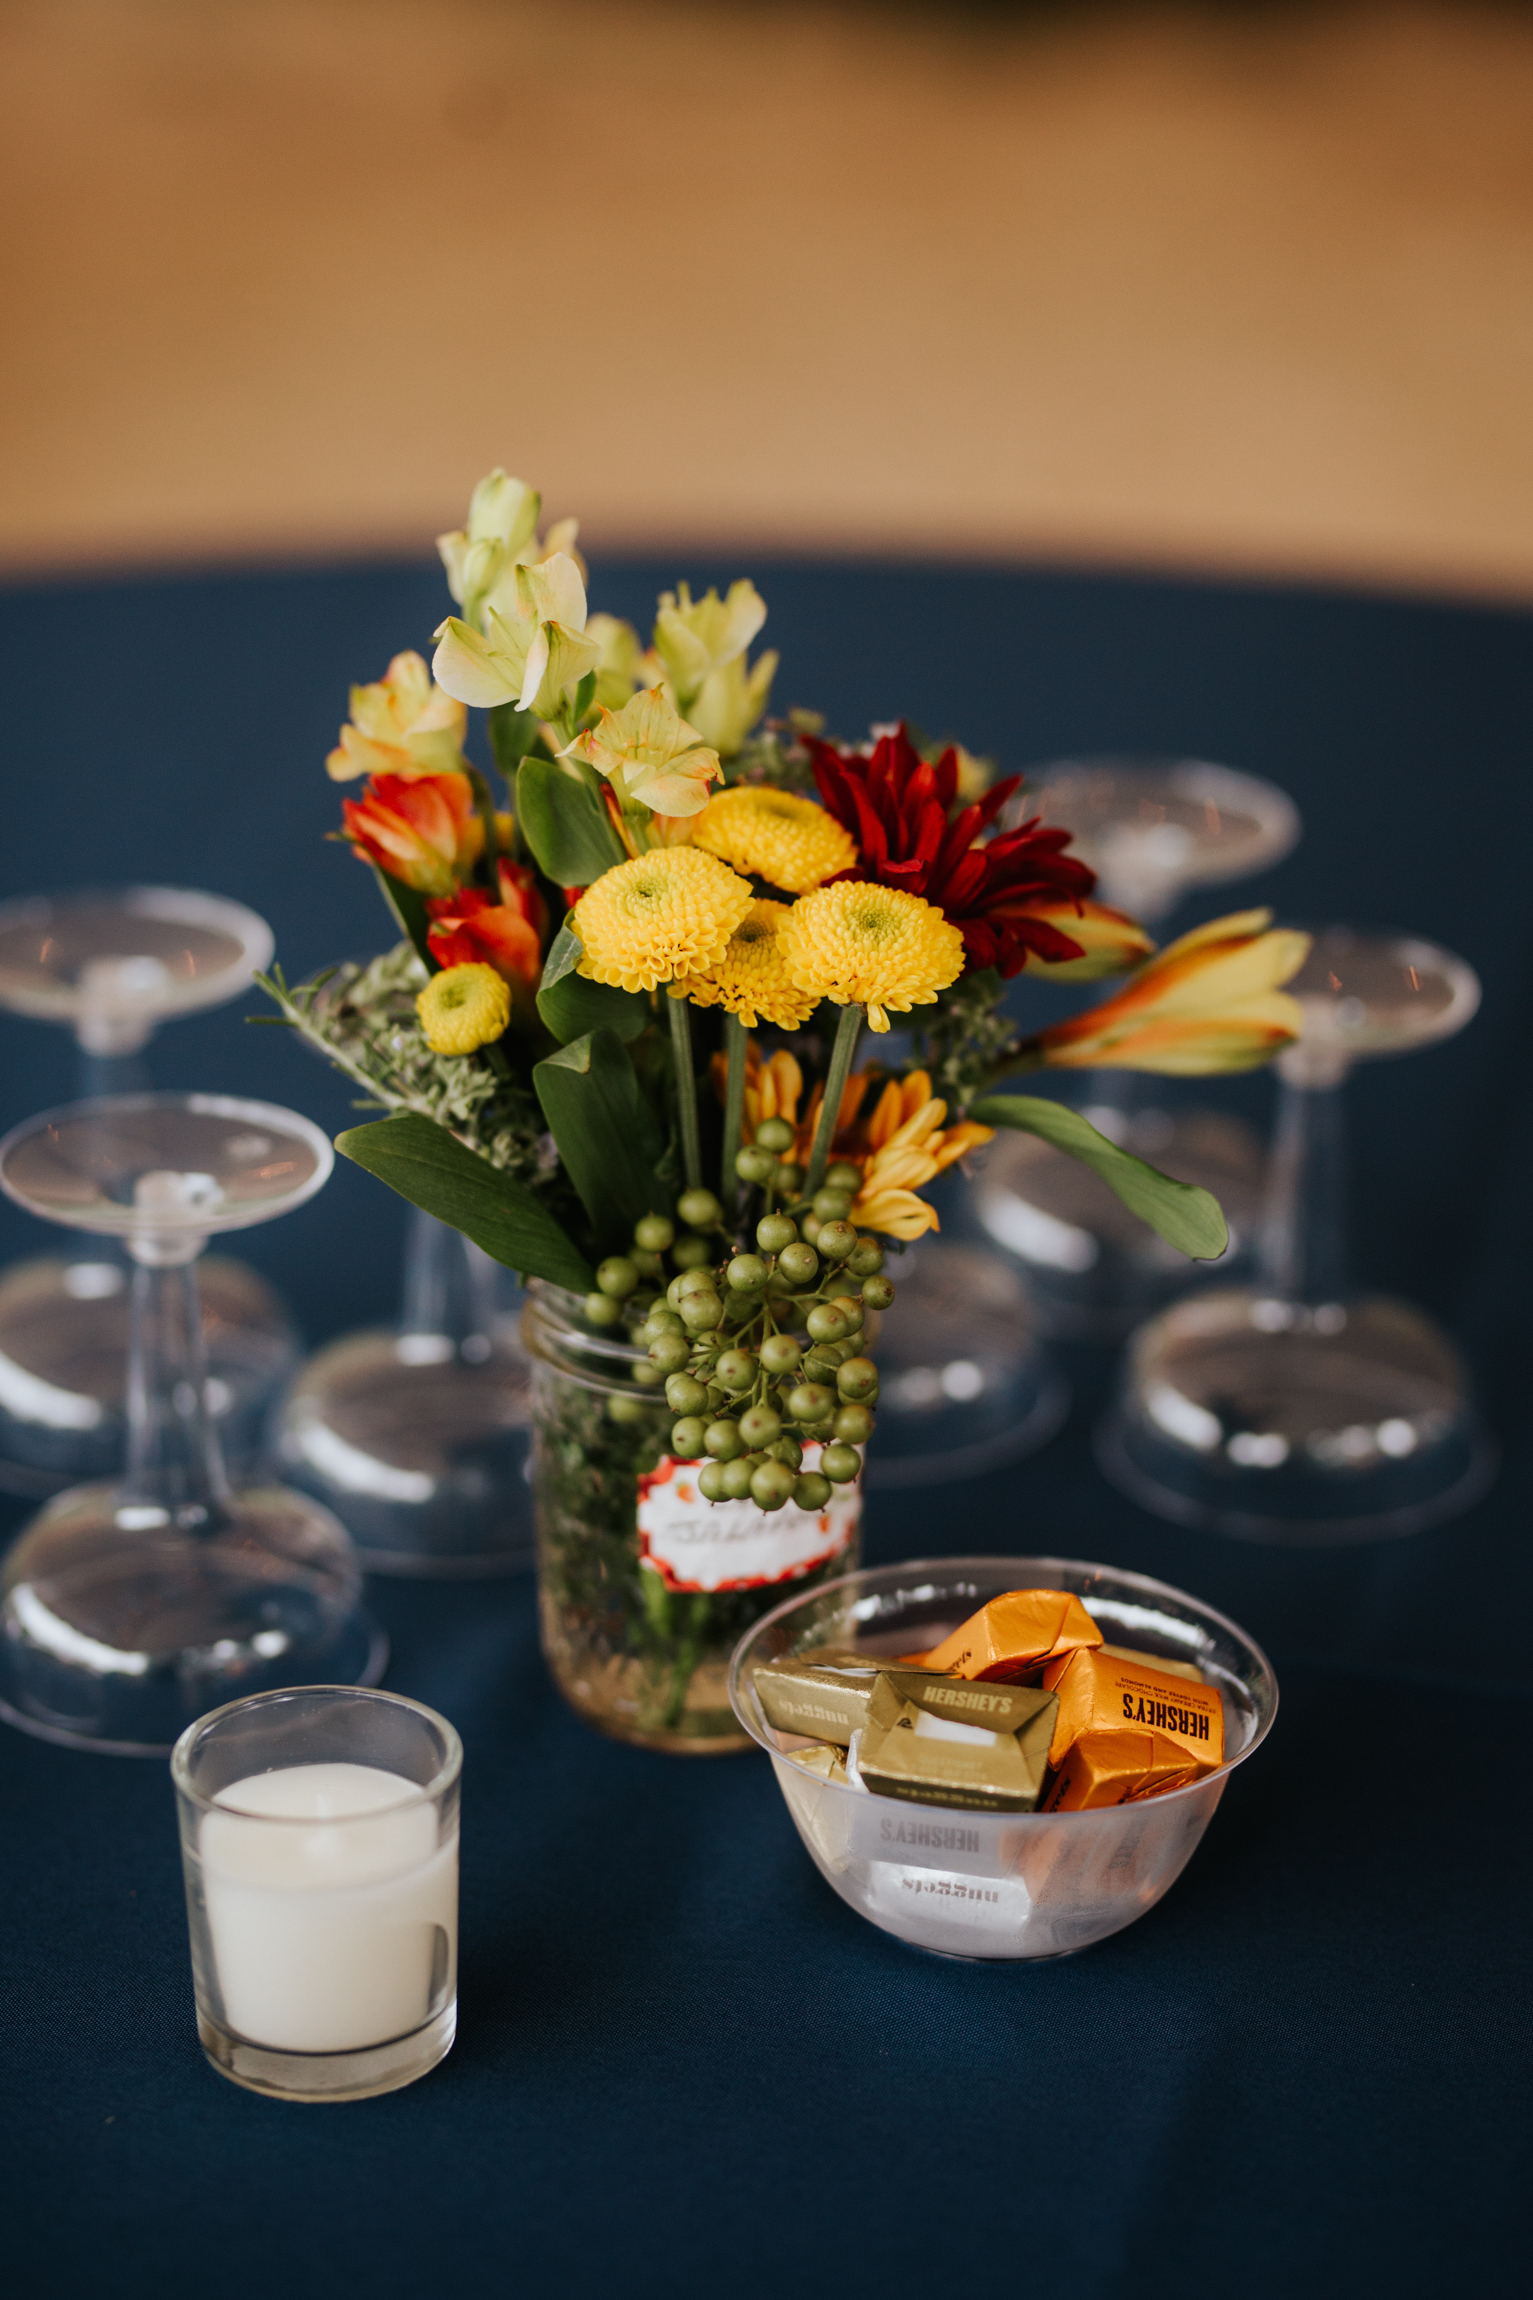 Austin Wedding Bouquet, Austin Wedding Florals, Wedding Floral Inspiration, Bricolage Curated Florals, Texas Wedding Photographer, Austin Wedding Photography, Austin Wedding Photographer, Wedding Succulents